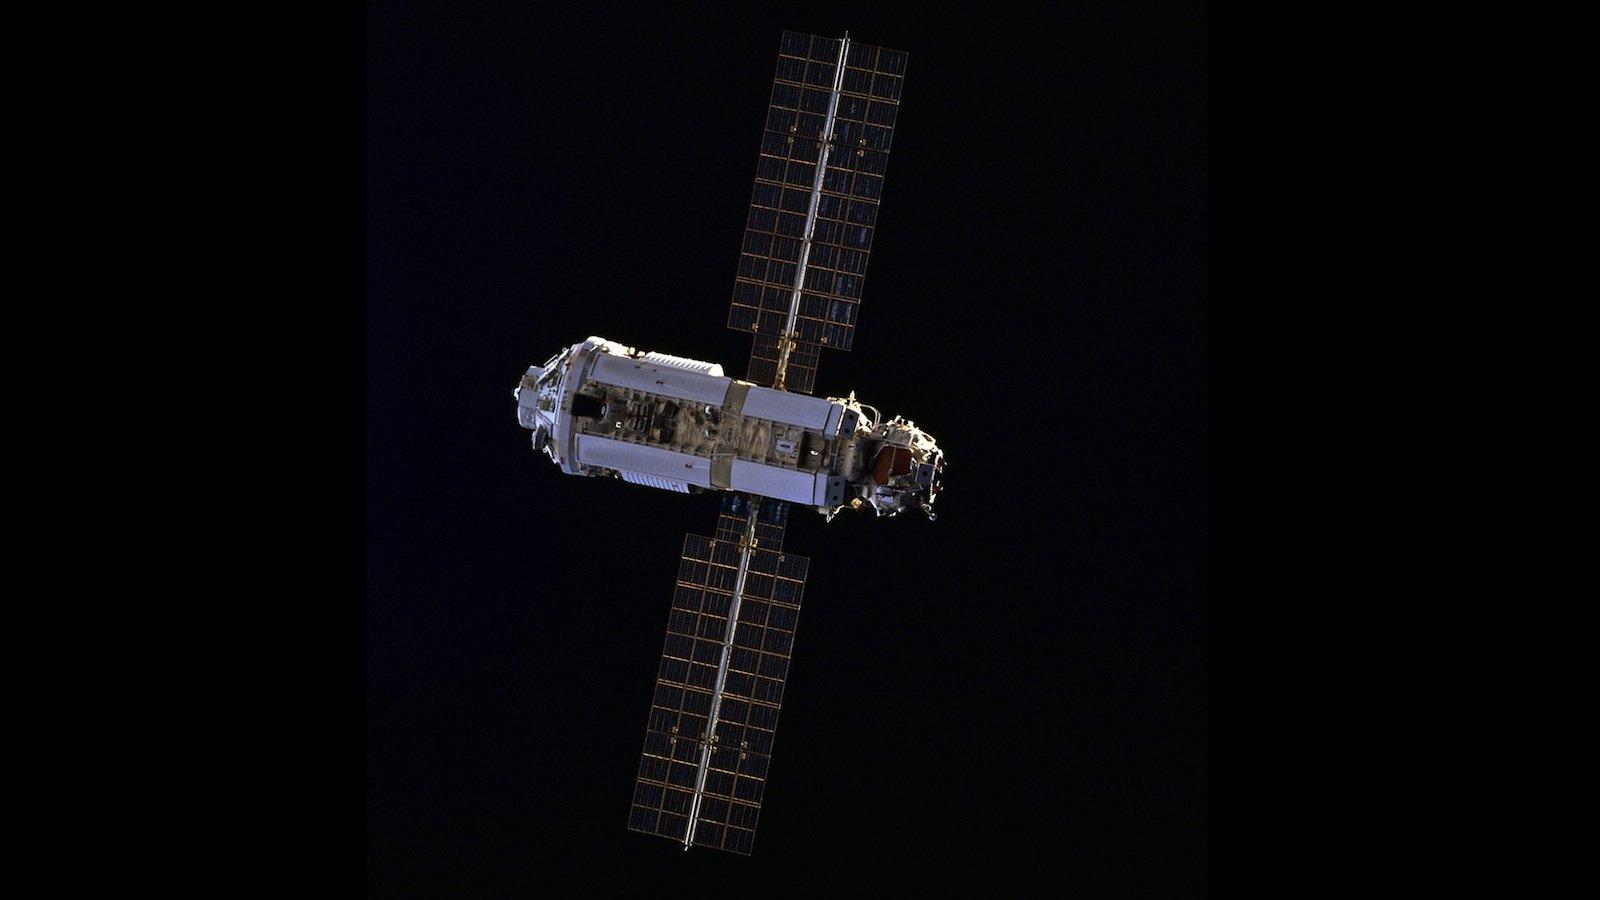 Lang ist´s her: Am 20. November 1998 startete das erste Bauteil für die ISS ins All. Die himmlische Baustelle nahm ihren Anfang mit dem russischen Modul Zarya, einem Fracht- und Kontrollmodul. Heute leben und arbeiten sechs Astronauten an 365 Tagen im Jahr in dem fliegenden Forschungslabor.